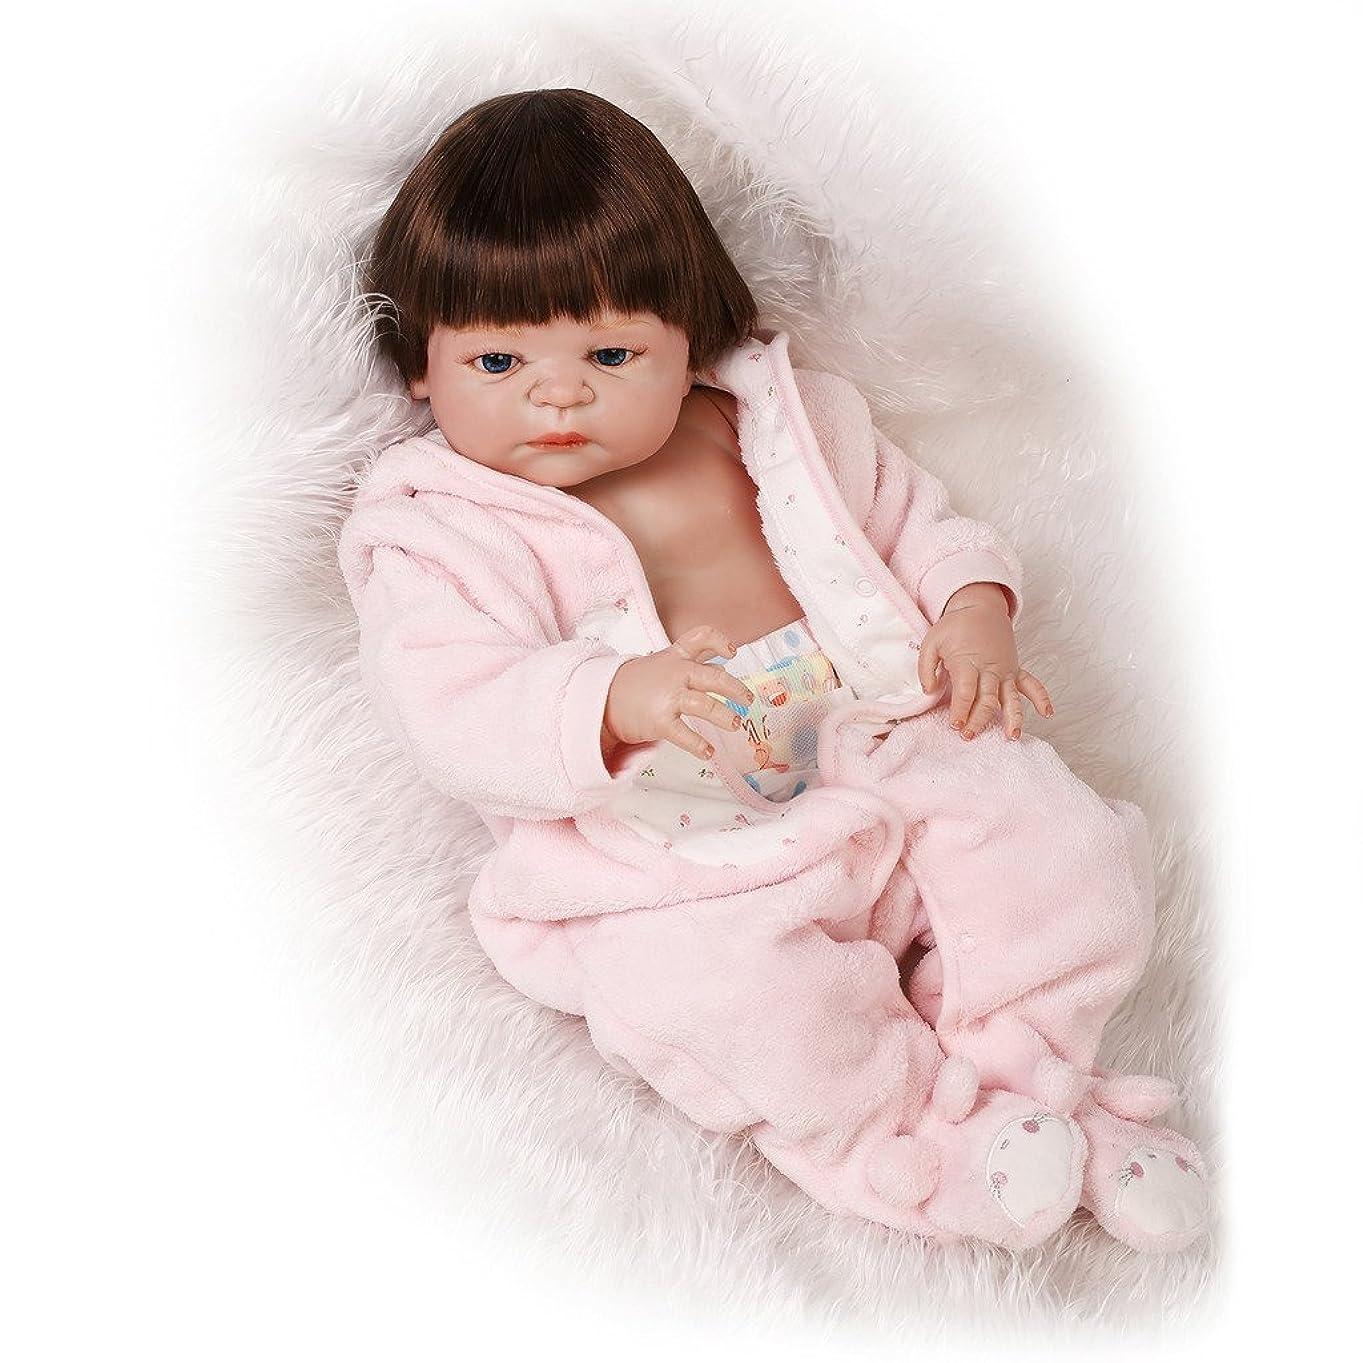 うまくいけば交響曲形NPKDOLL リボーンベビードールハードシミュレーションシリコーンビニール22インチの55センチメートル磁気口リアルなアクリルの目でかわいい防水子供のおもちゃピンクのドレスウィッグ Reborn Baby Doll A1JP